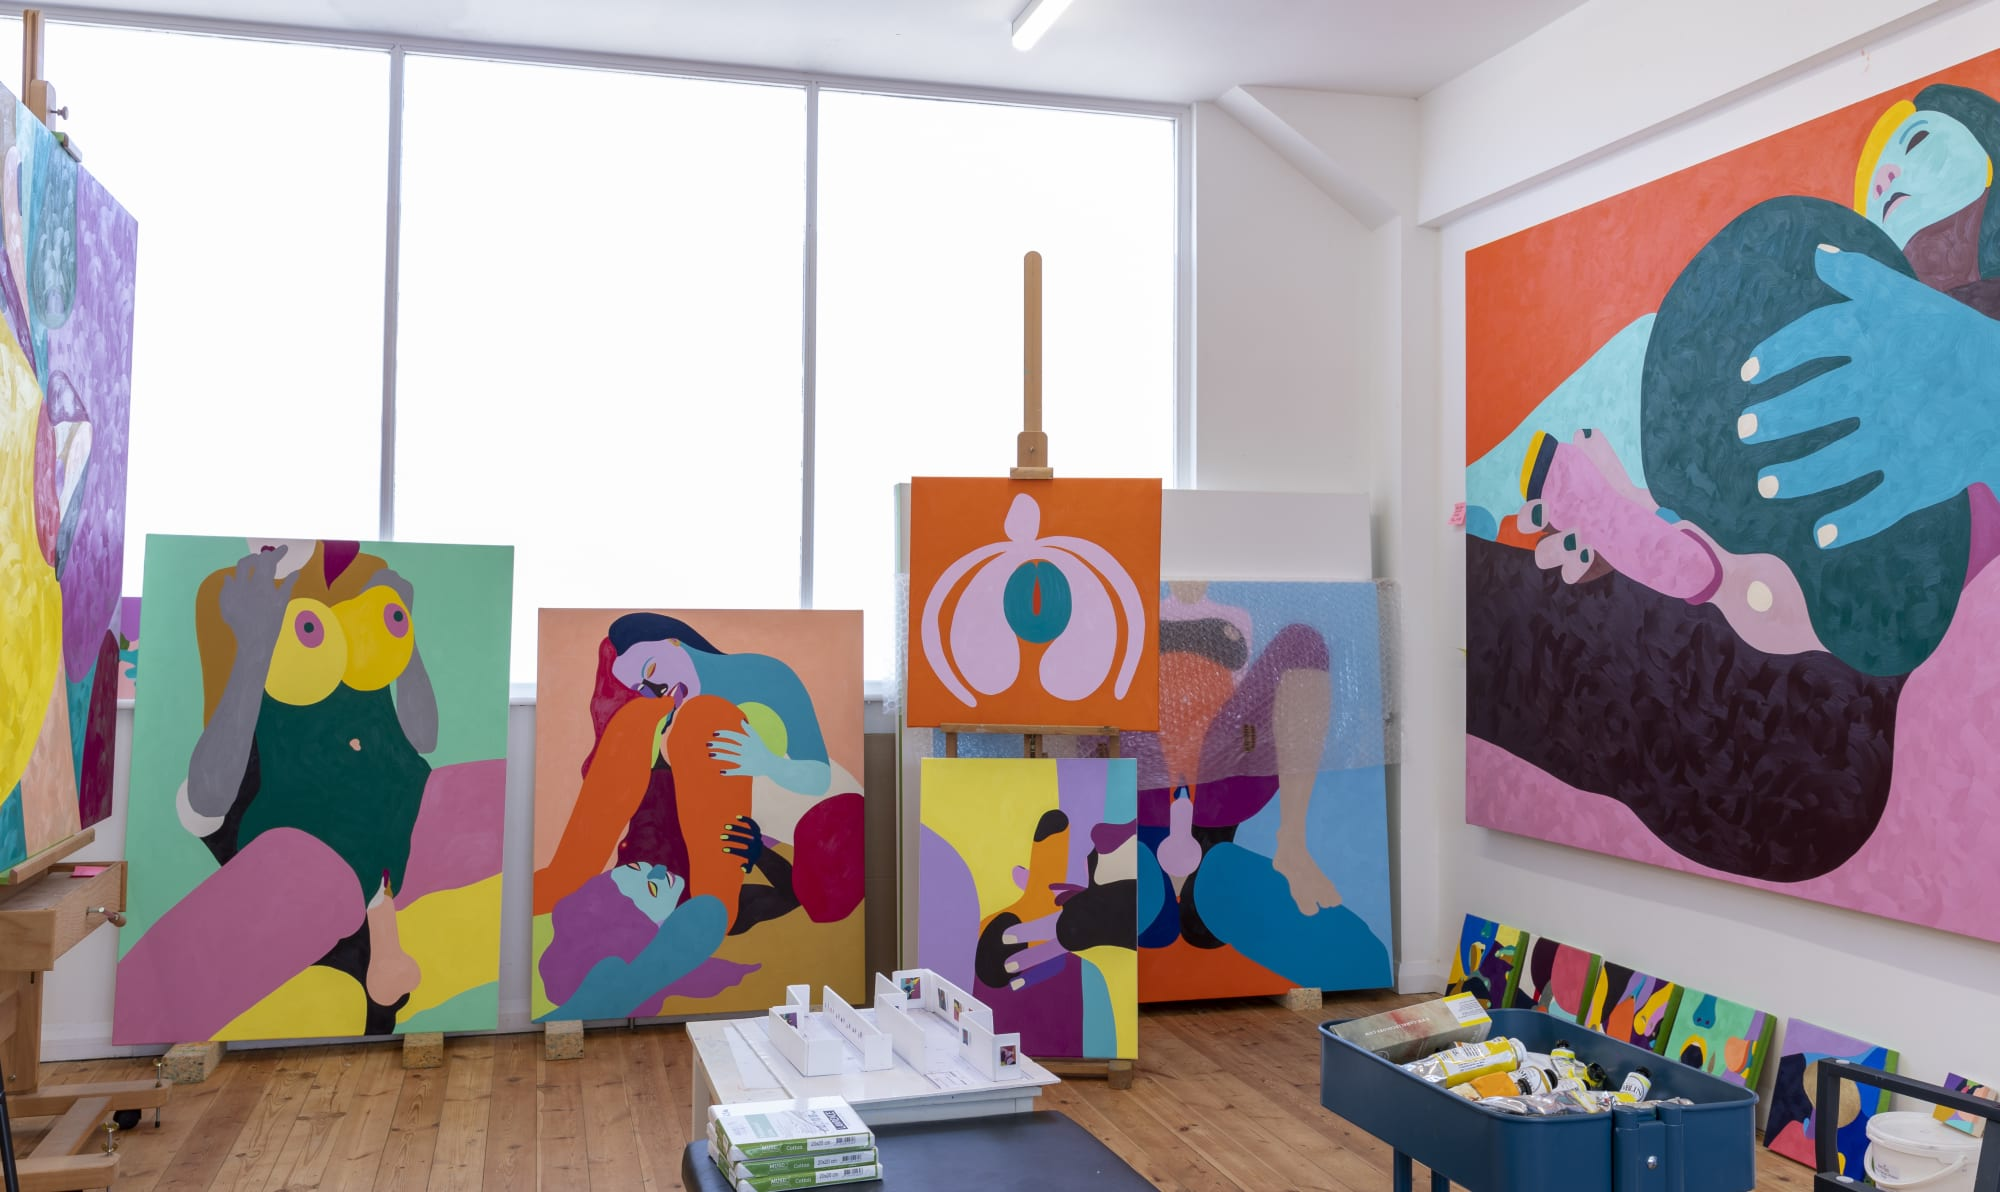 Helenbeard Studio Itsherfactory July2019 Lucyemmsi4353 19